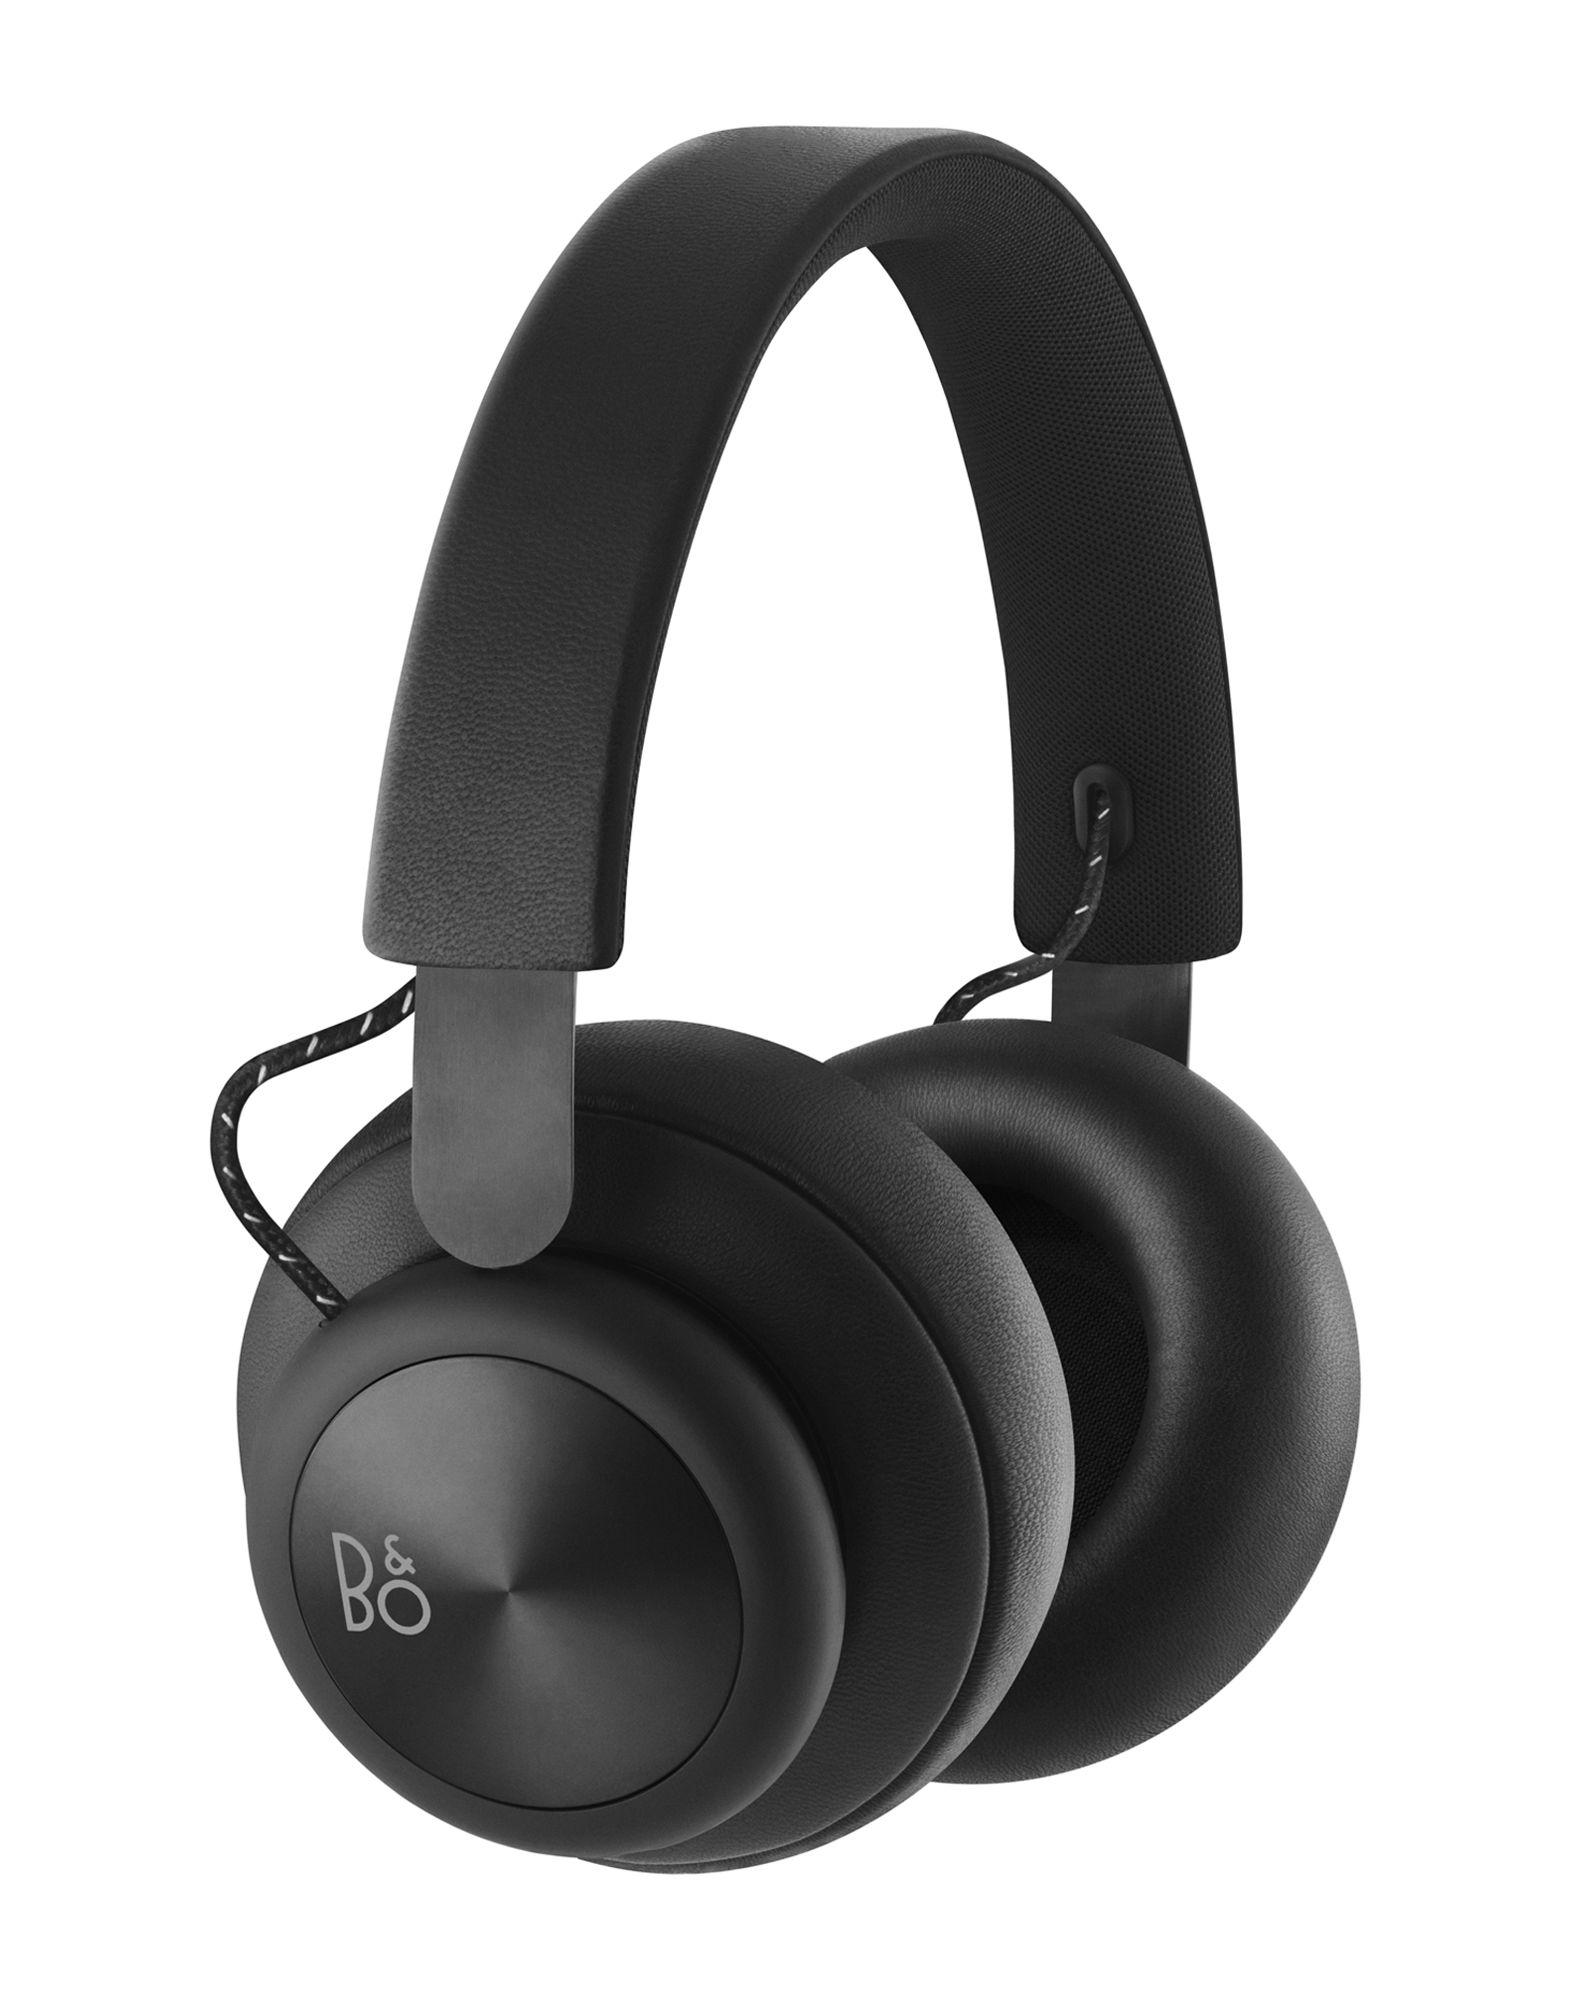 B&O PLAY Unisex Kopfhörer Farbe Schwarz Größe 1 jetztbilligerkaufen